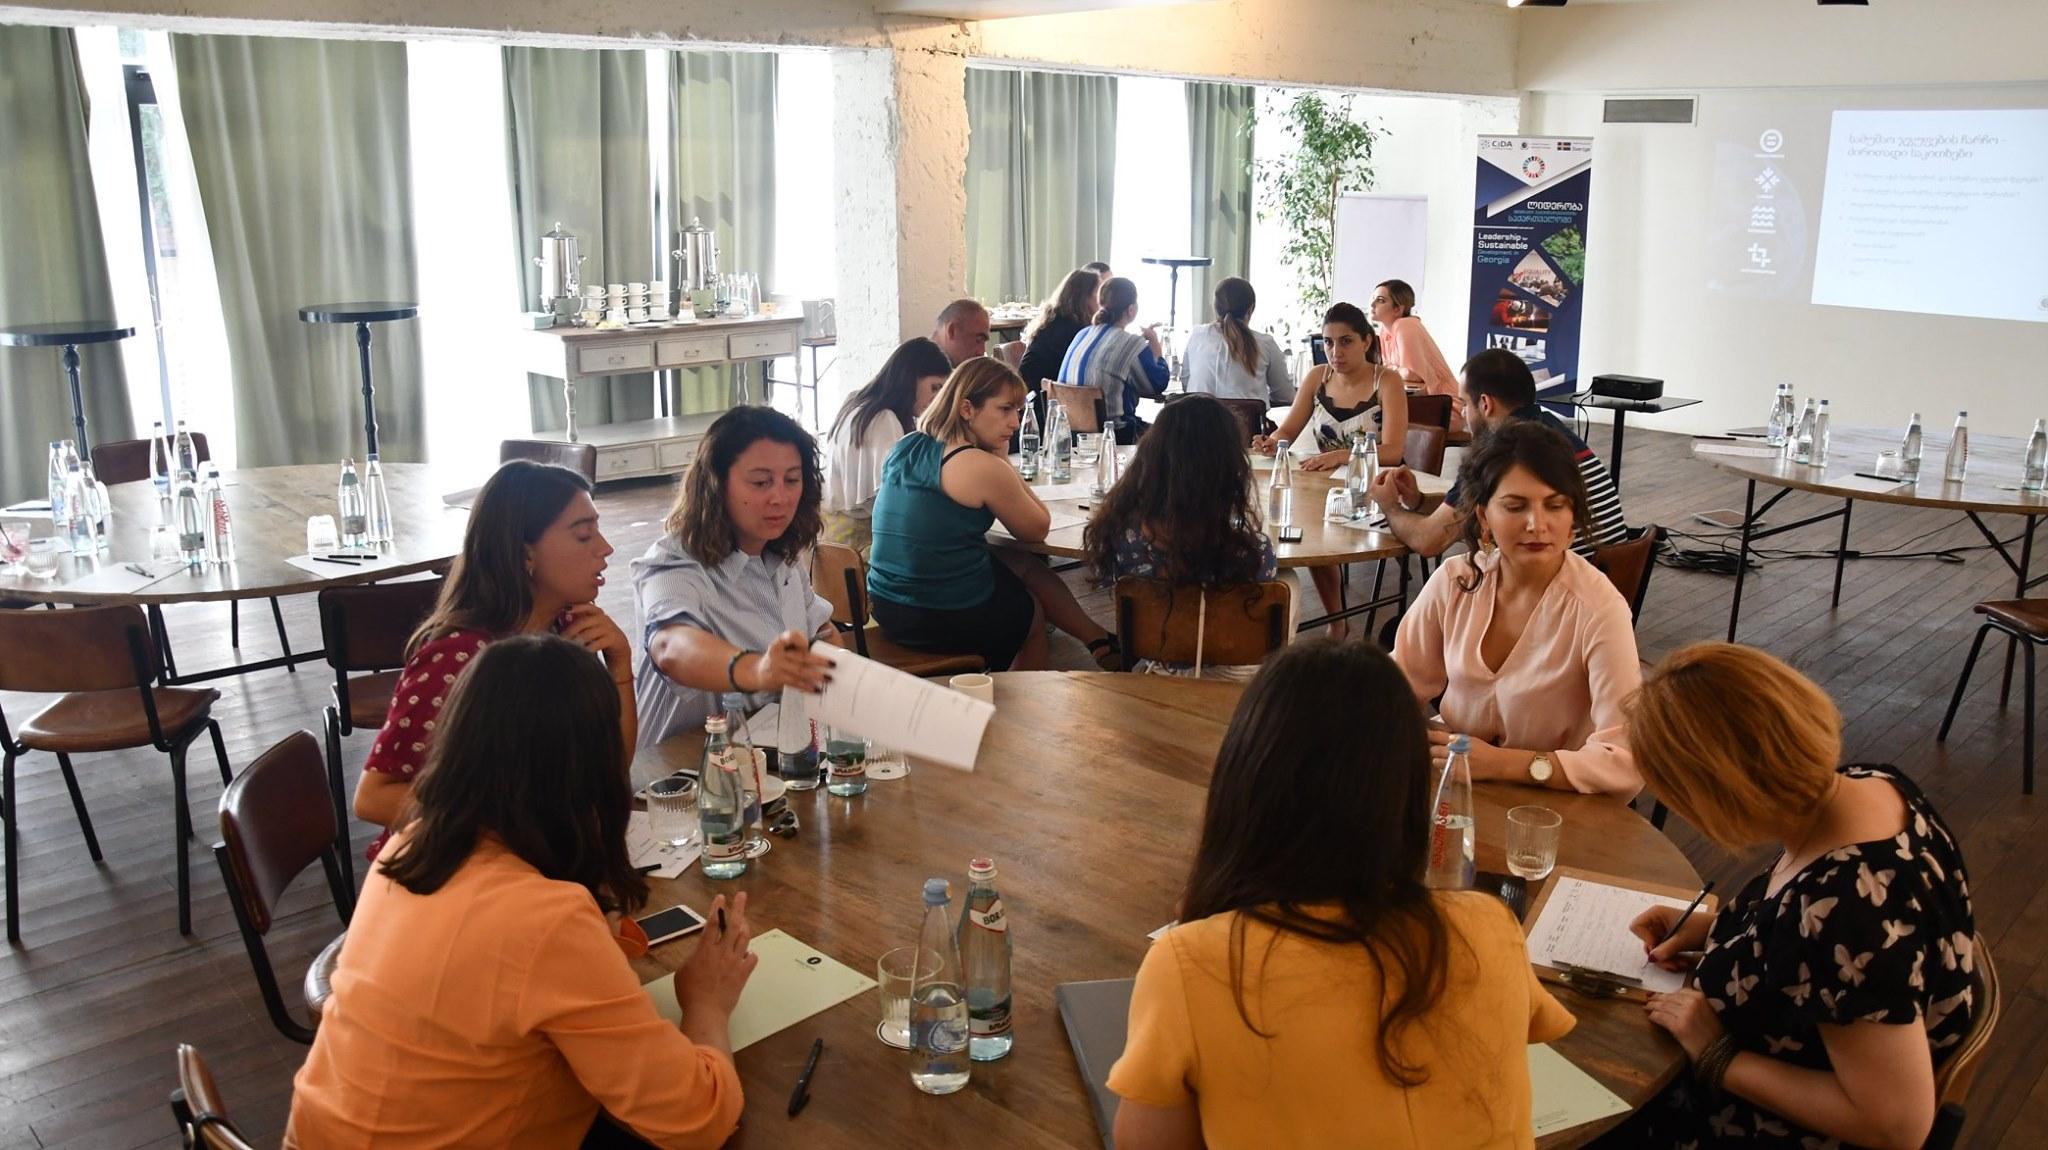 სამუშაო შეხვედრა შრომის უფლებების და გენდერული თანასწორობის საკითხებზე